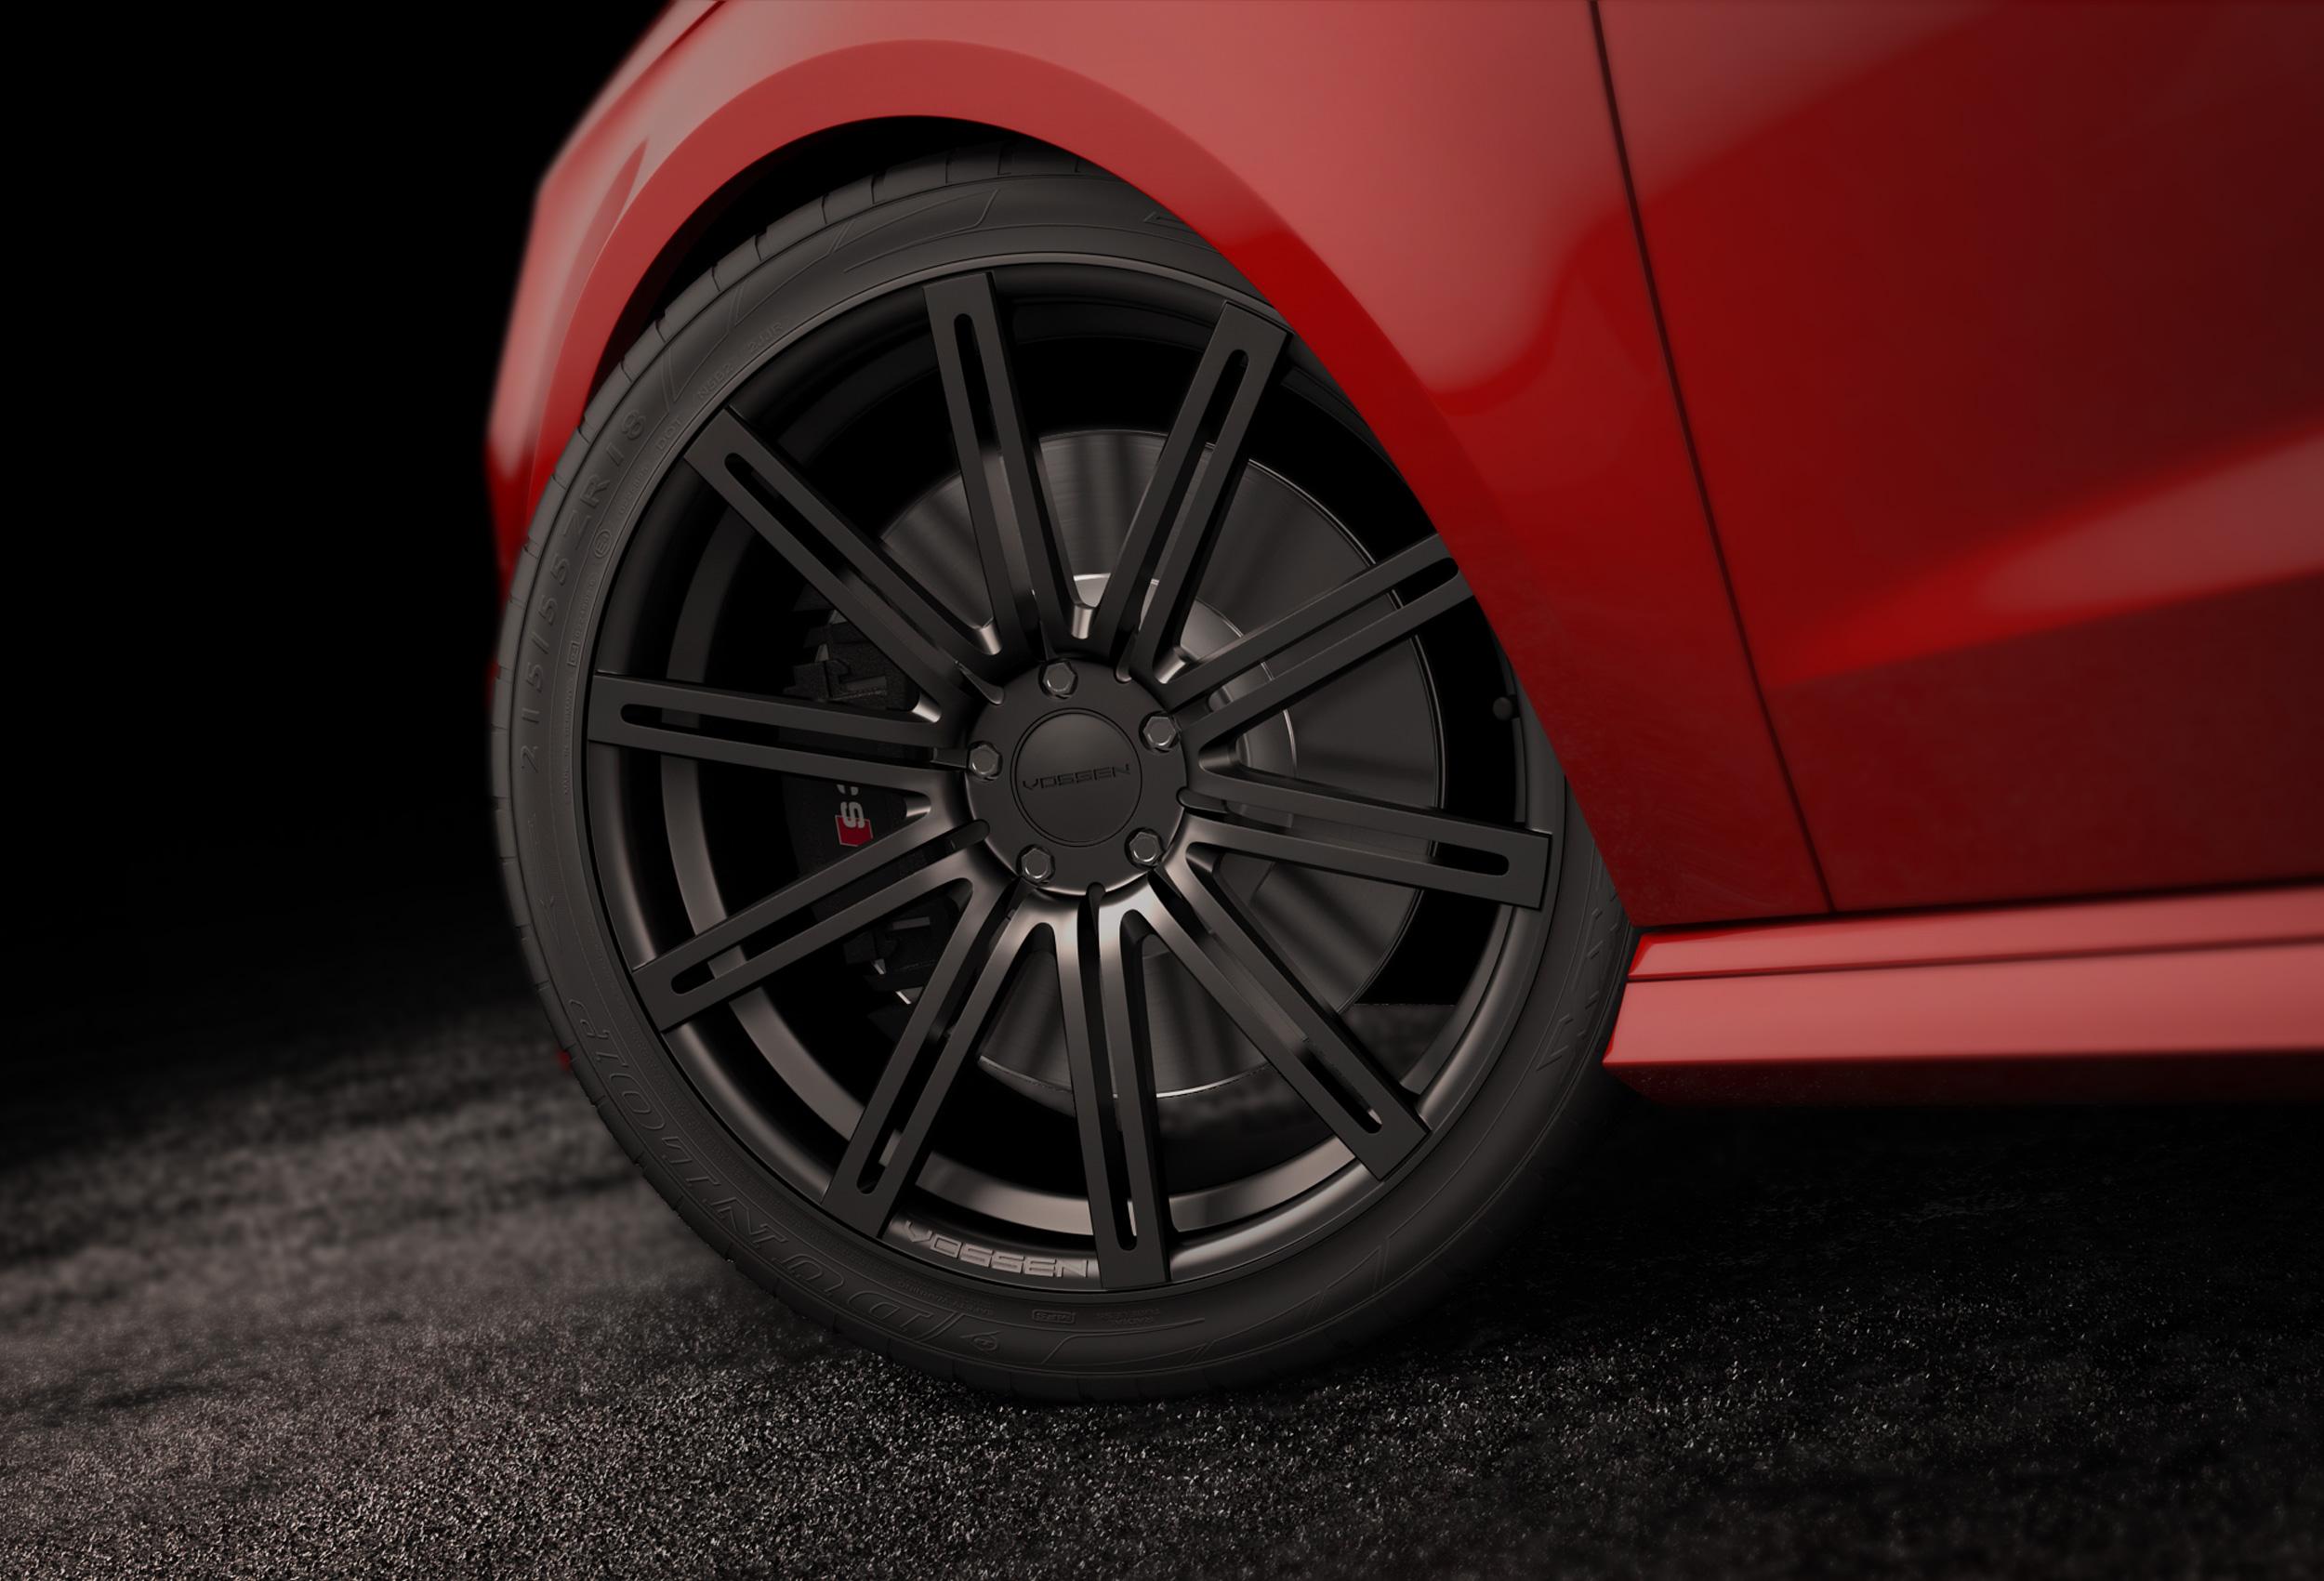 Modélisation de la roue - Illustration 3D Audi S3 par Dripmoon